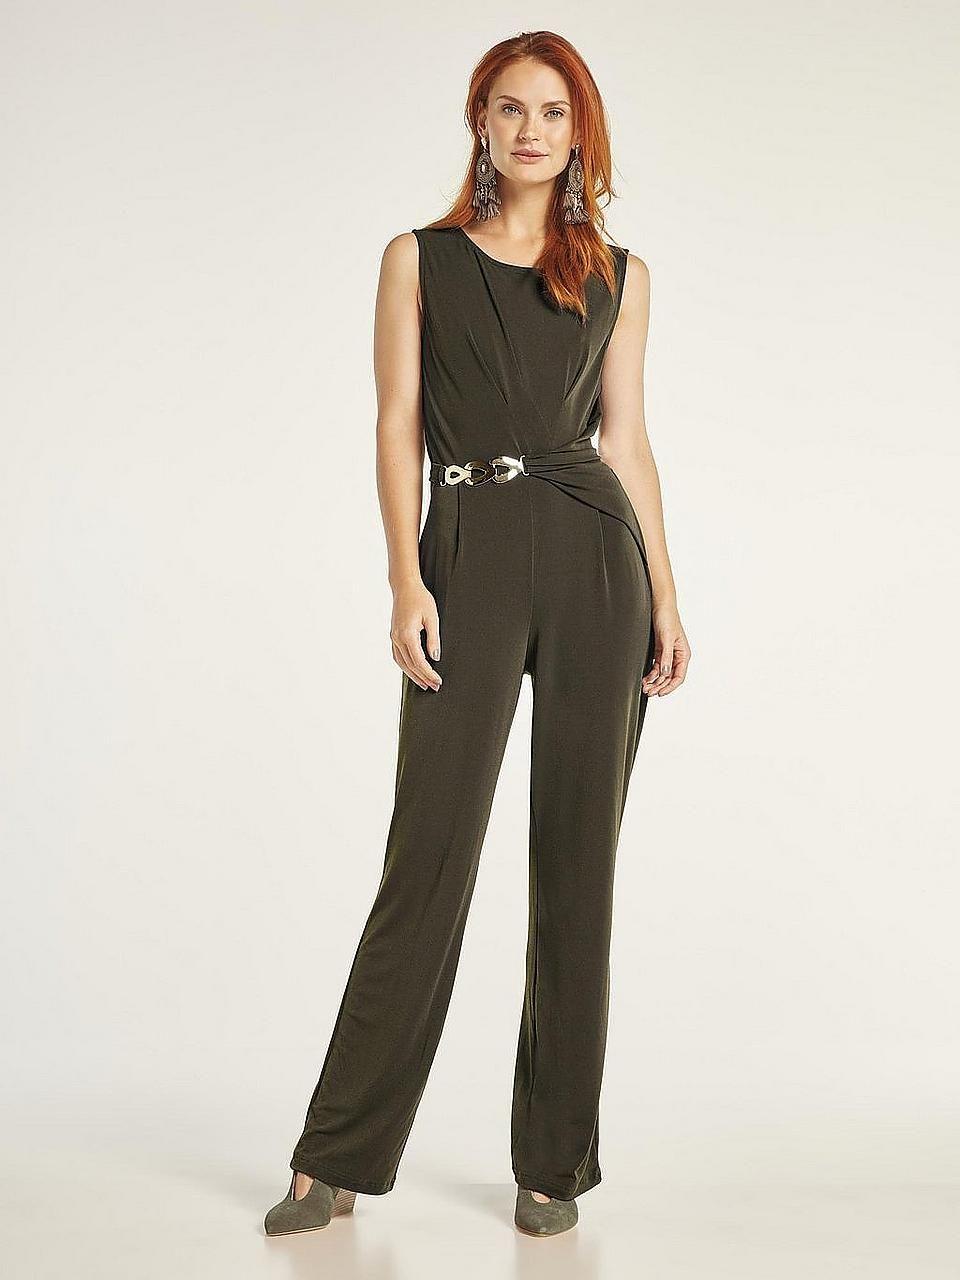 Heine Style eleganter schwarzer Overall Jumpsuit mit Goldapplikationen